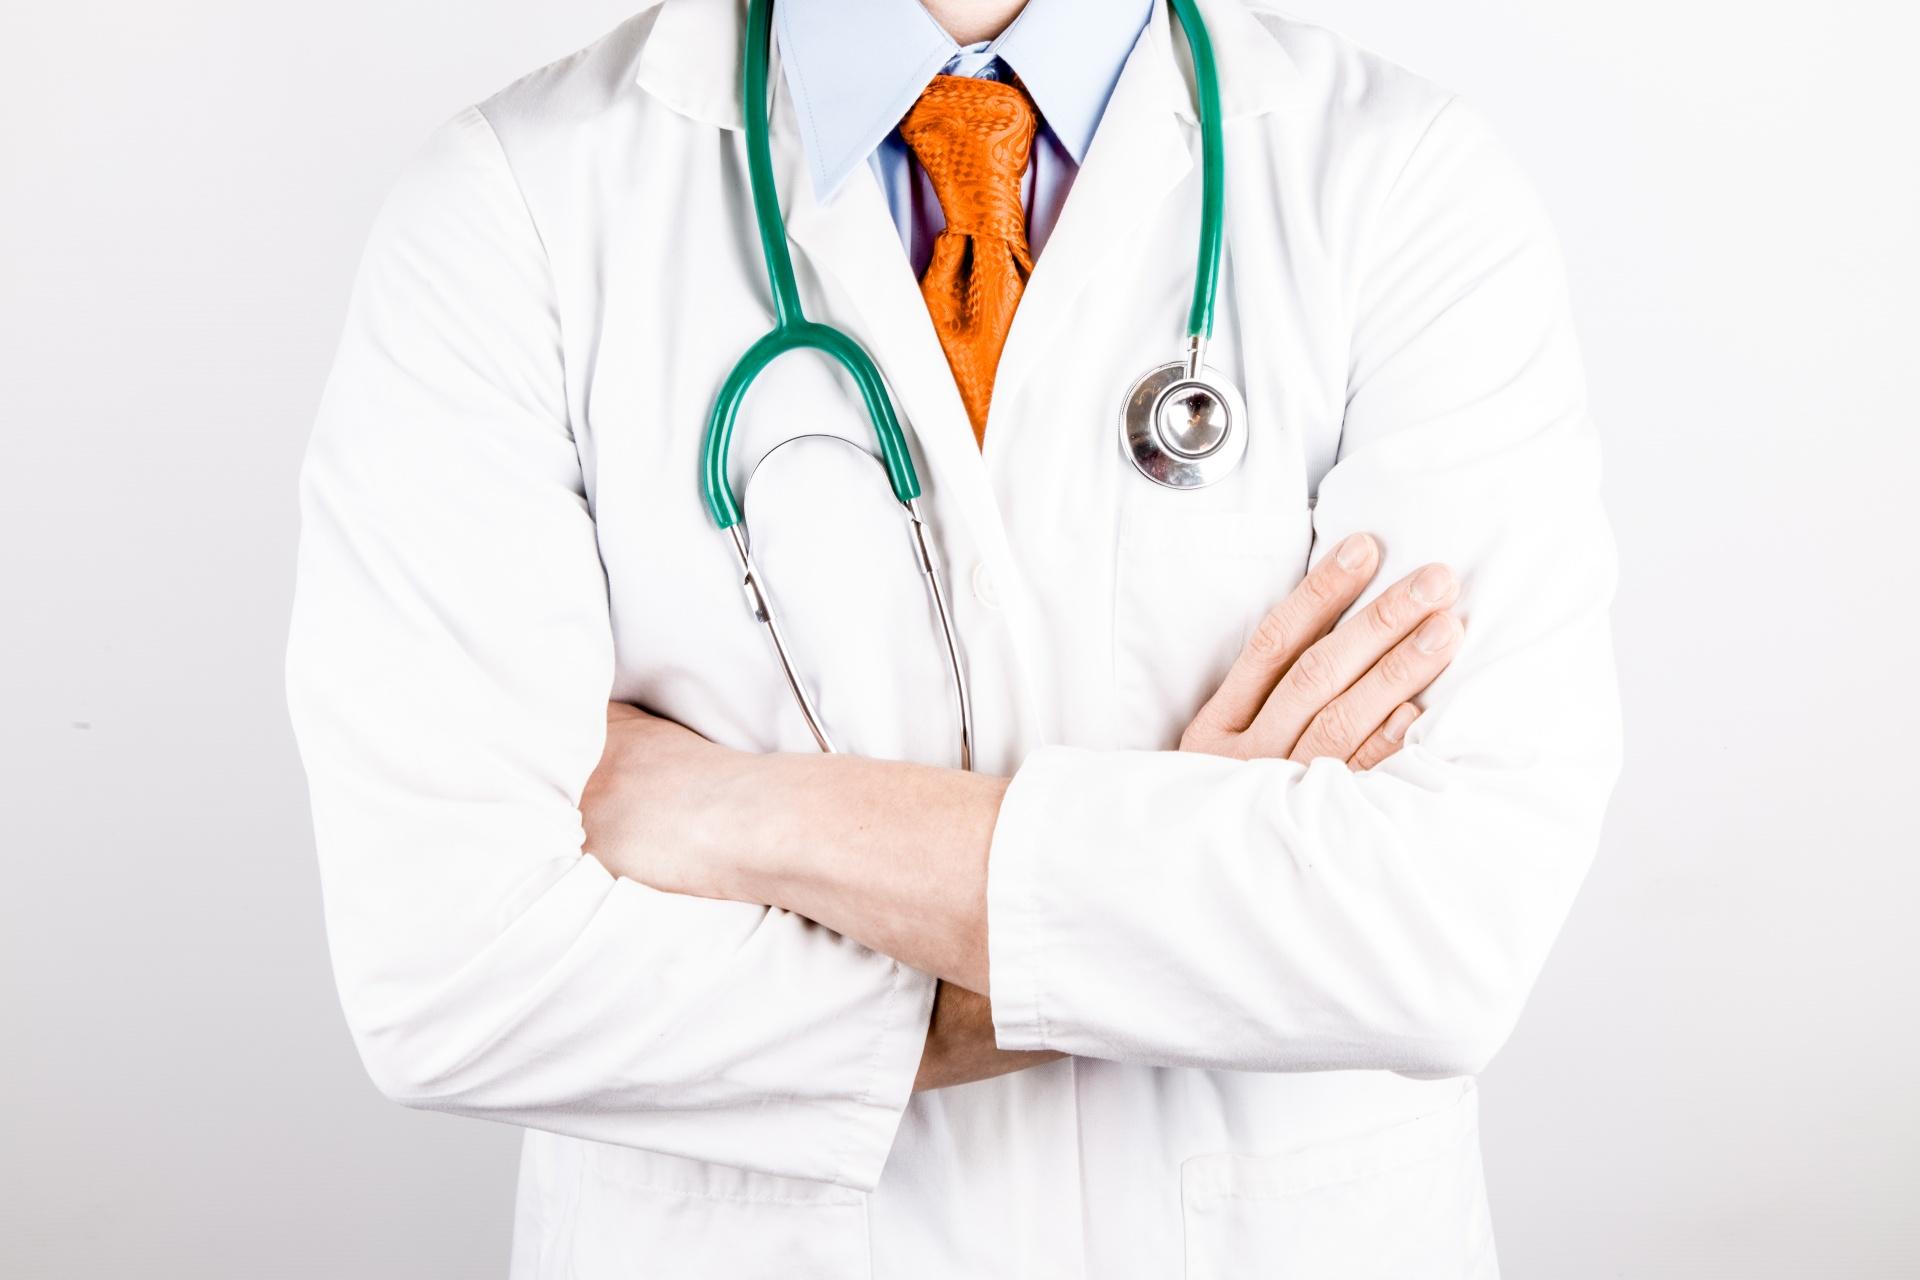 Терапия не проводится без разрешения врача